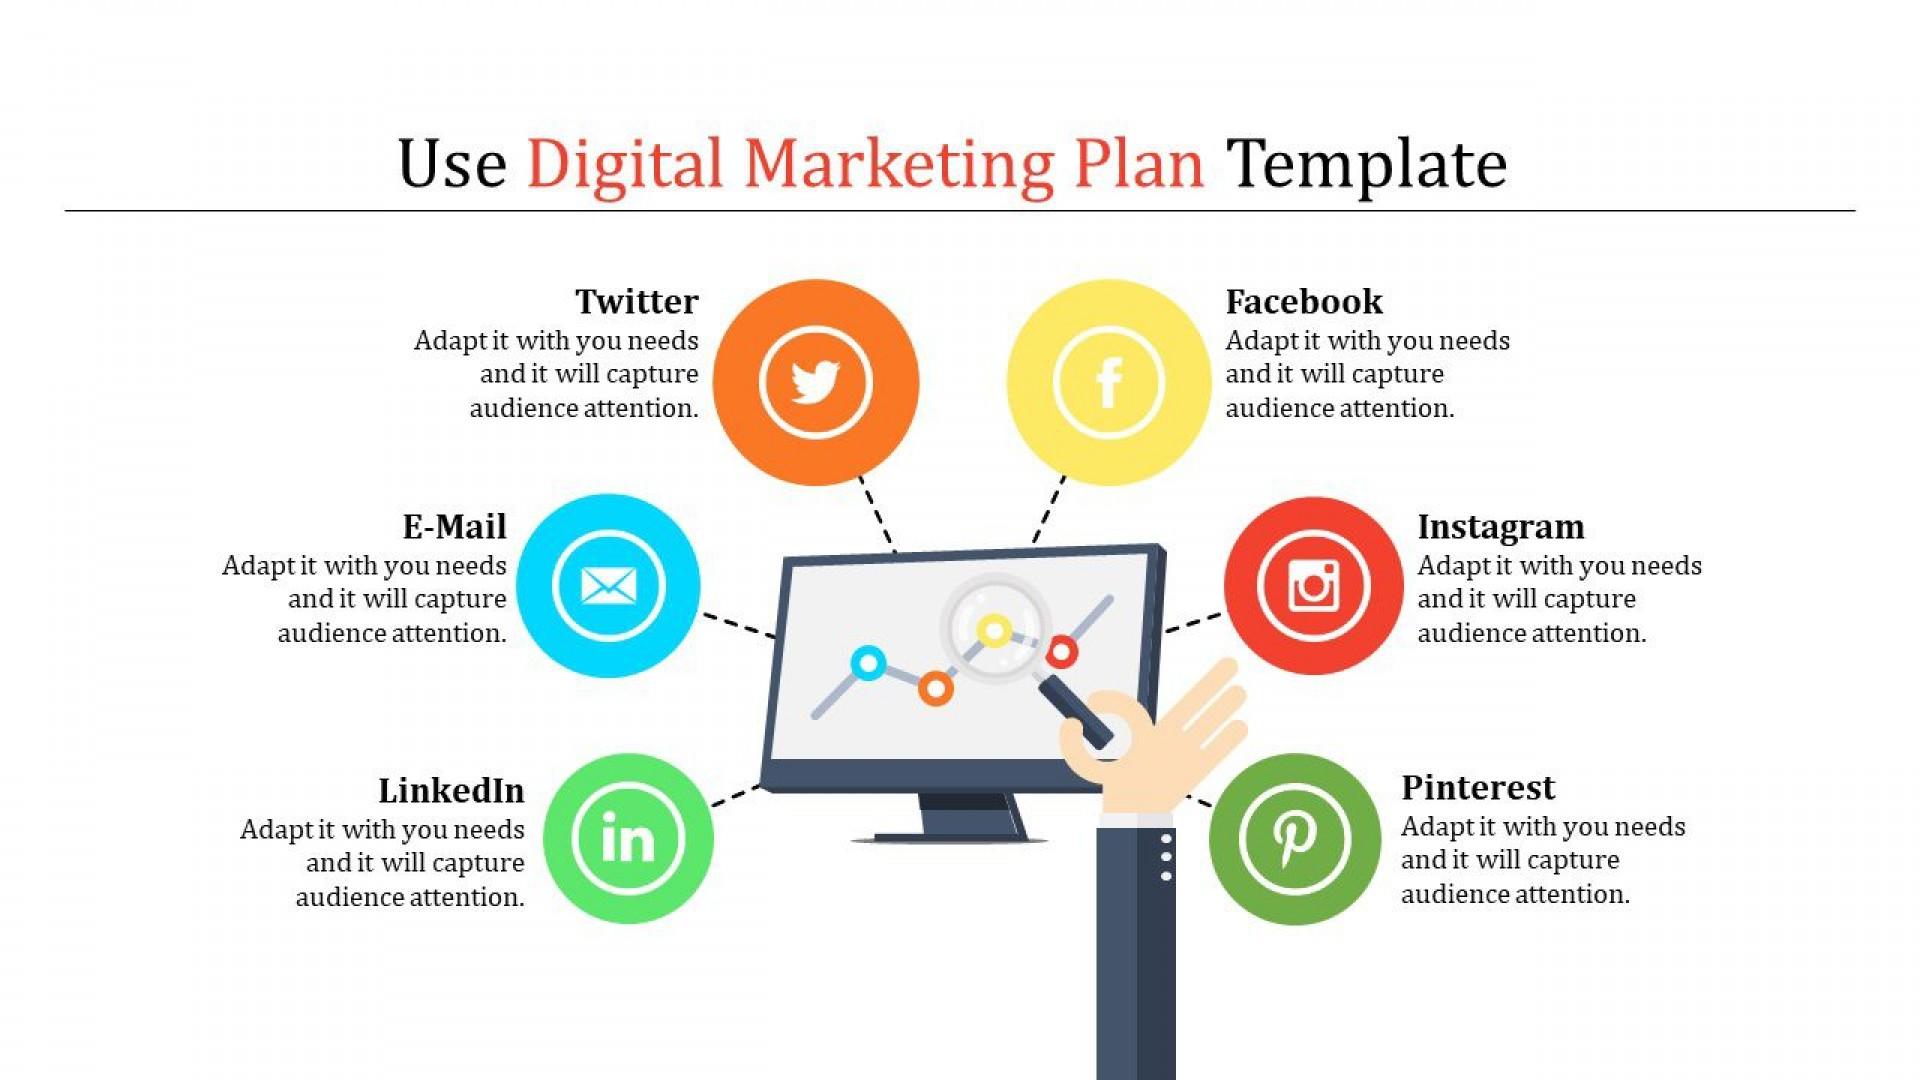 003 Stirring Digital Marketing Plan Template High Def  .xl Doc1920